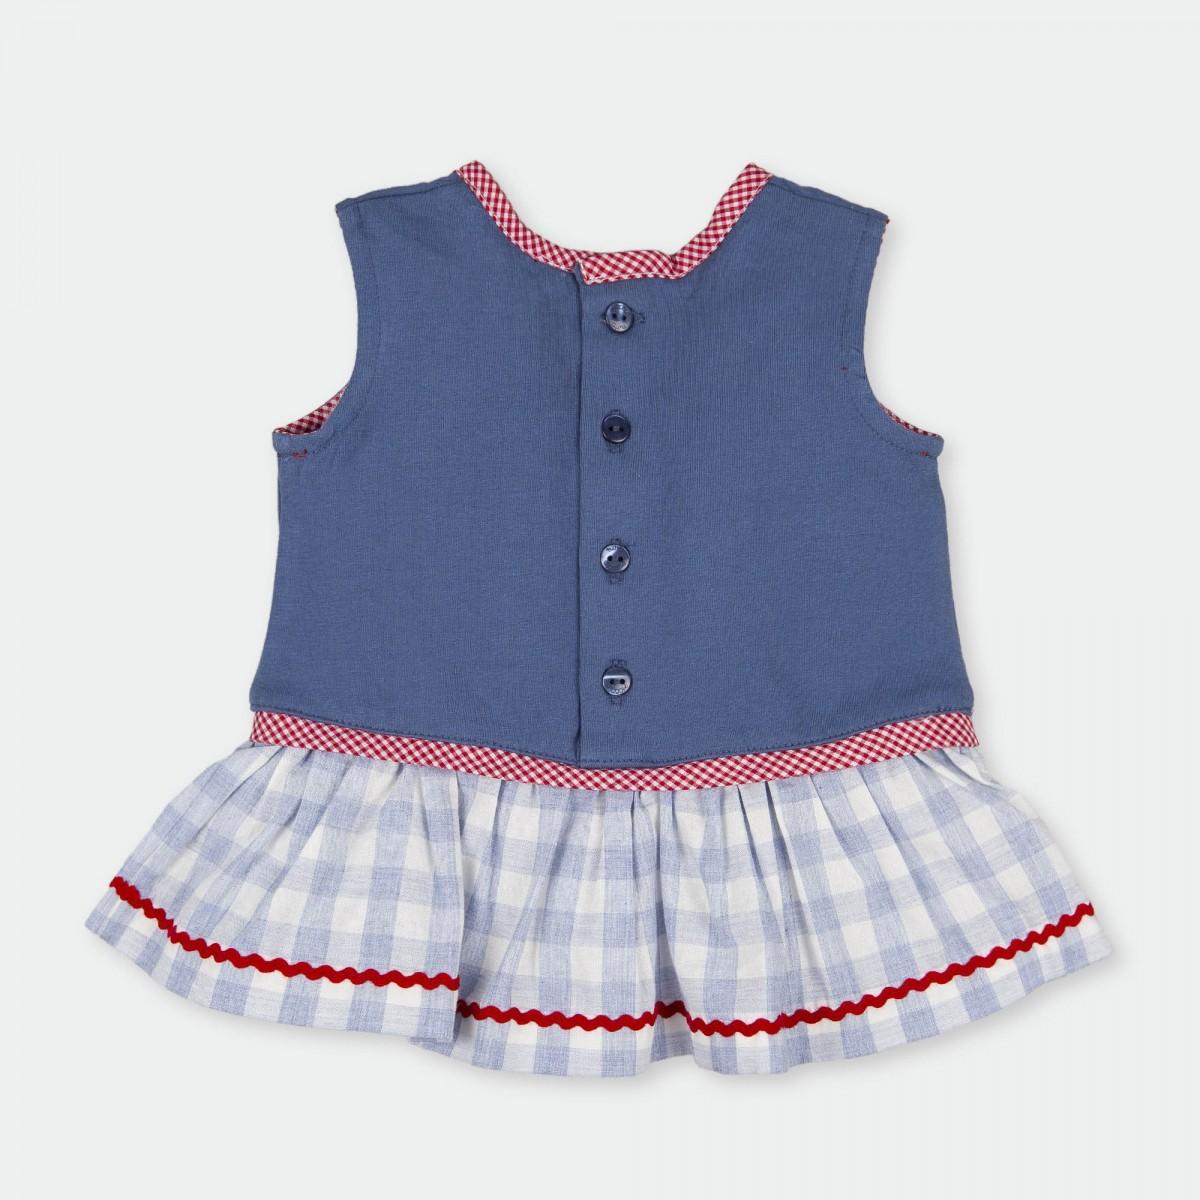 Vestido s-m_2416S17